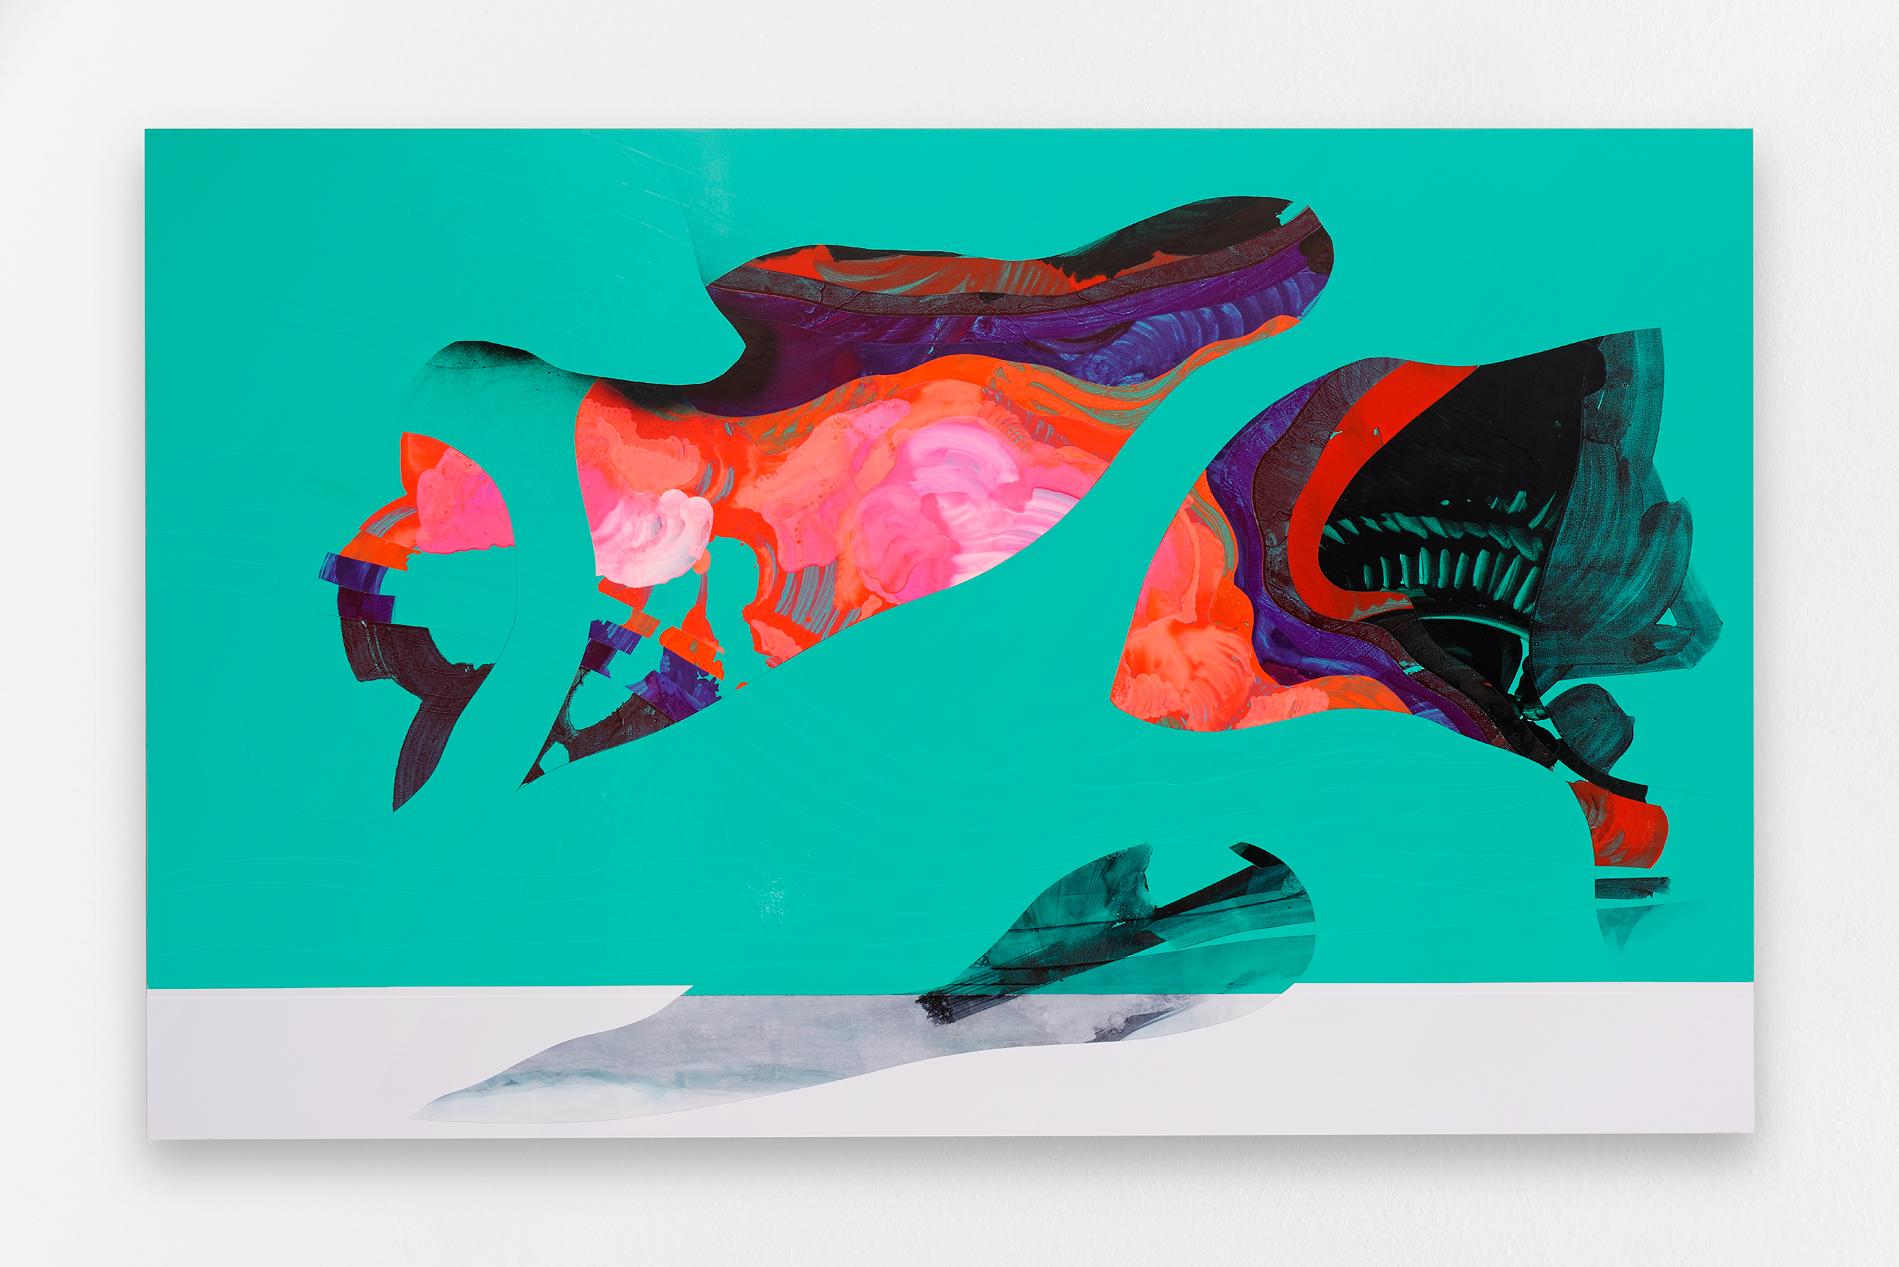 Fabrice Yencko   L3B023 , 2016 Peinture et encre sur vinyle adhésif et plaque aluminium 160 x 100 cm  Courtesy the artist and Galerie Rabouan Moussion Crédit photo : Aurélien Mole